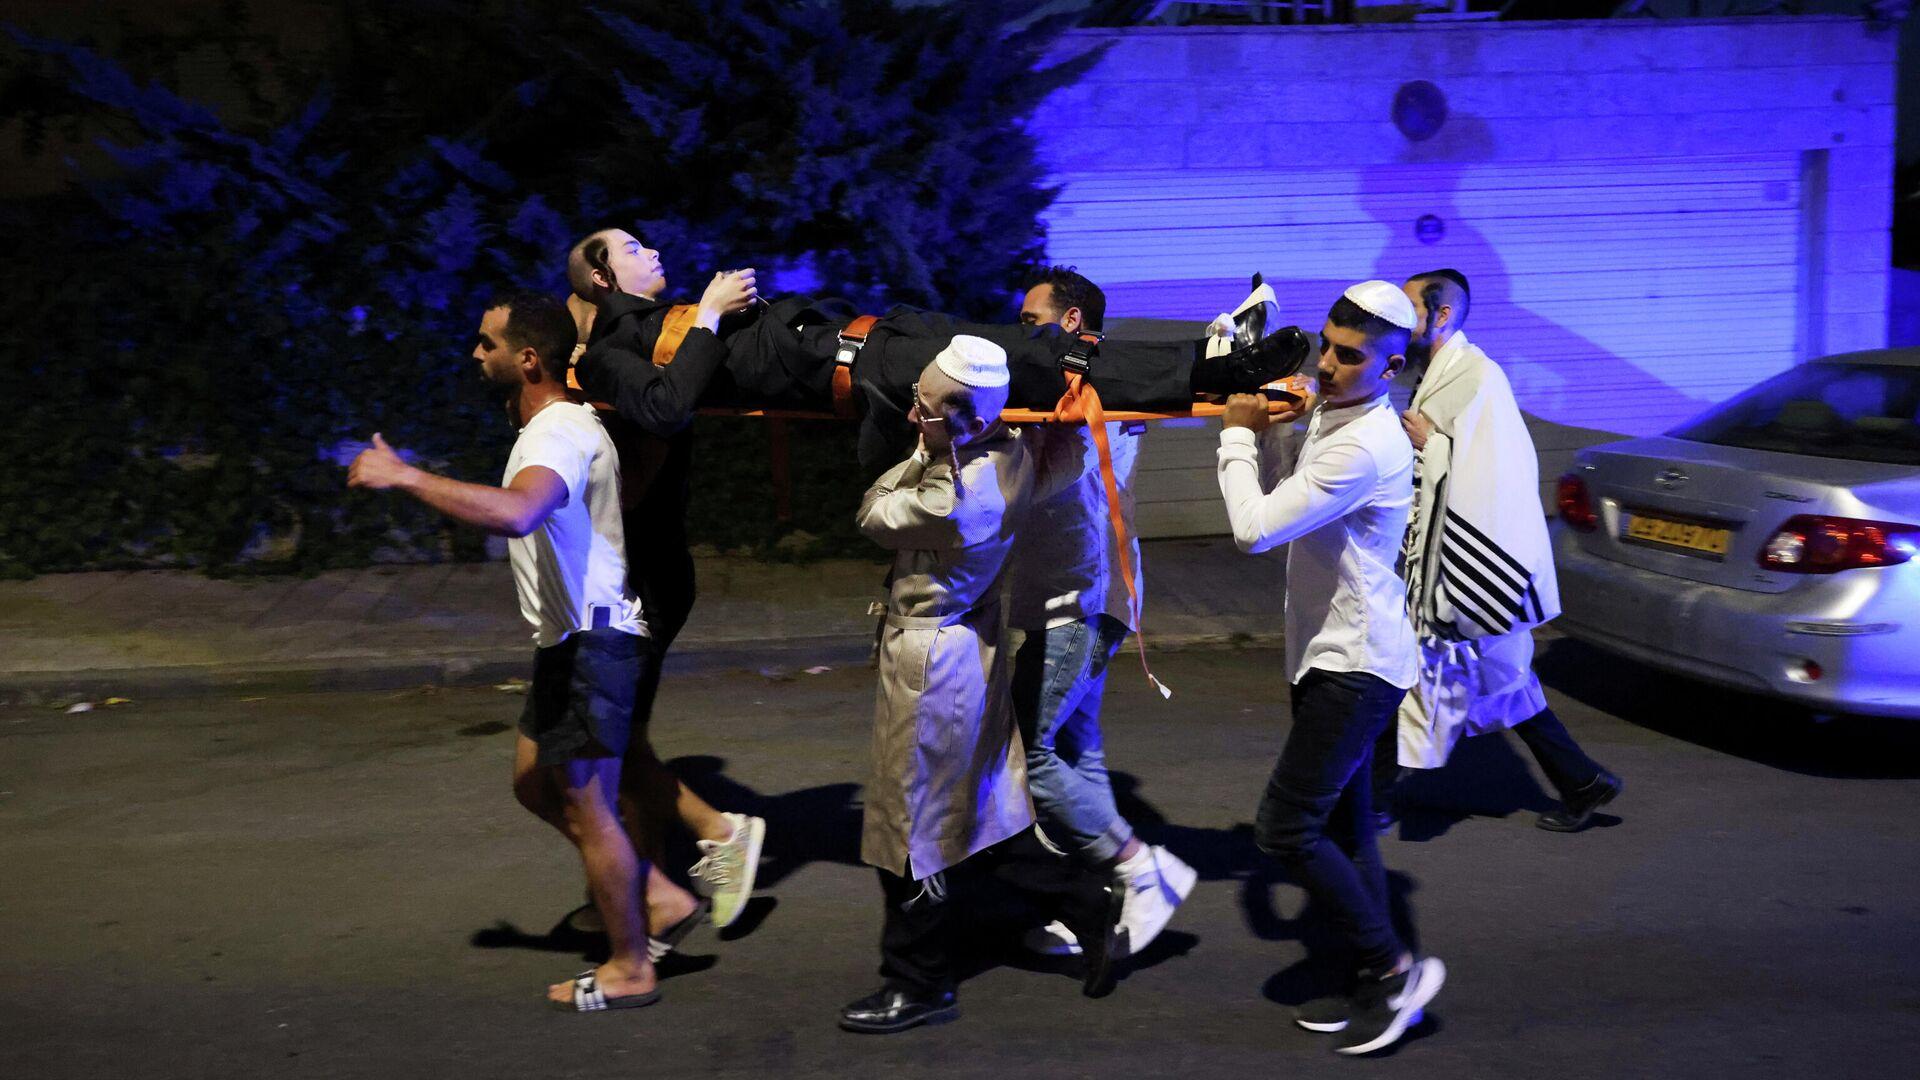 Cпасатели несут раненного в Гиват-Зееве, Израиль - РИА Новости, 1920, 16.05.2021